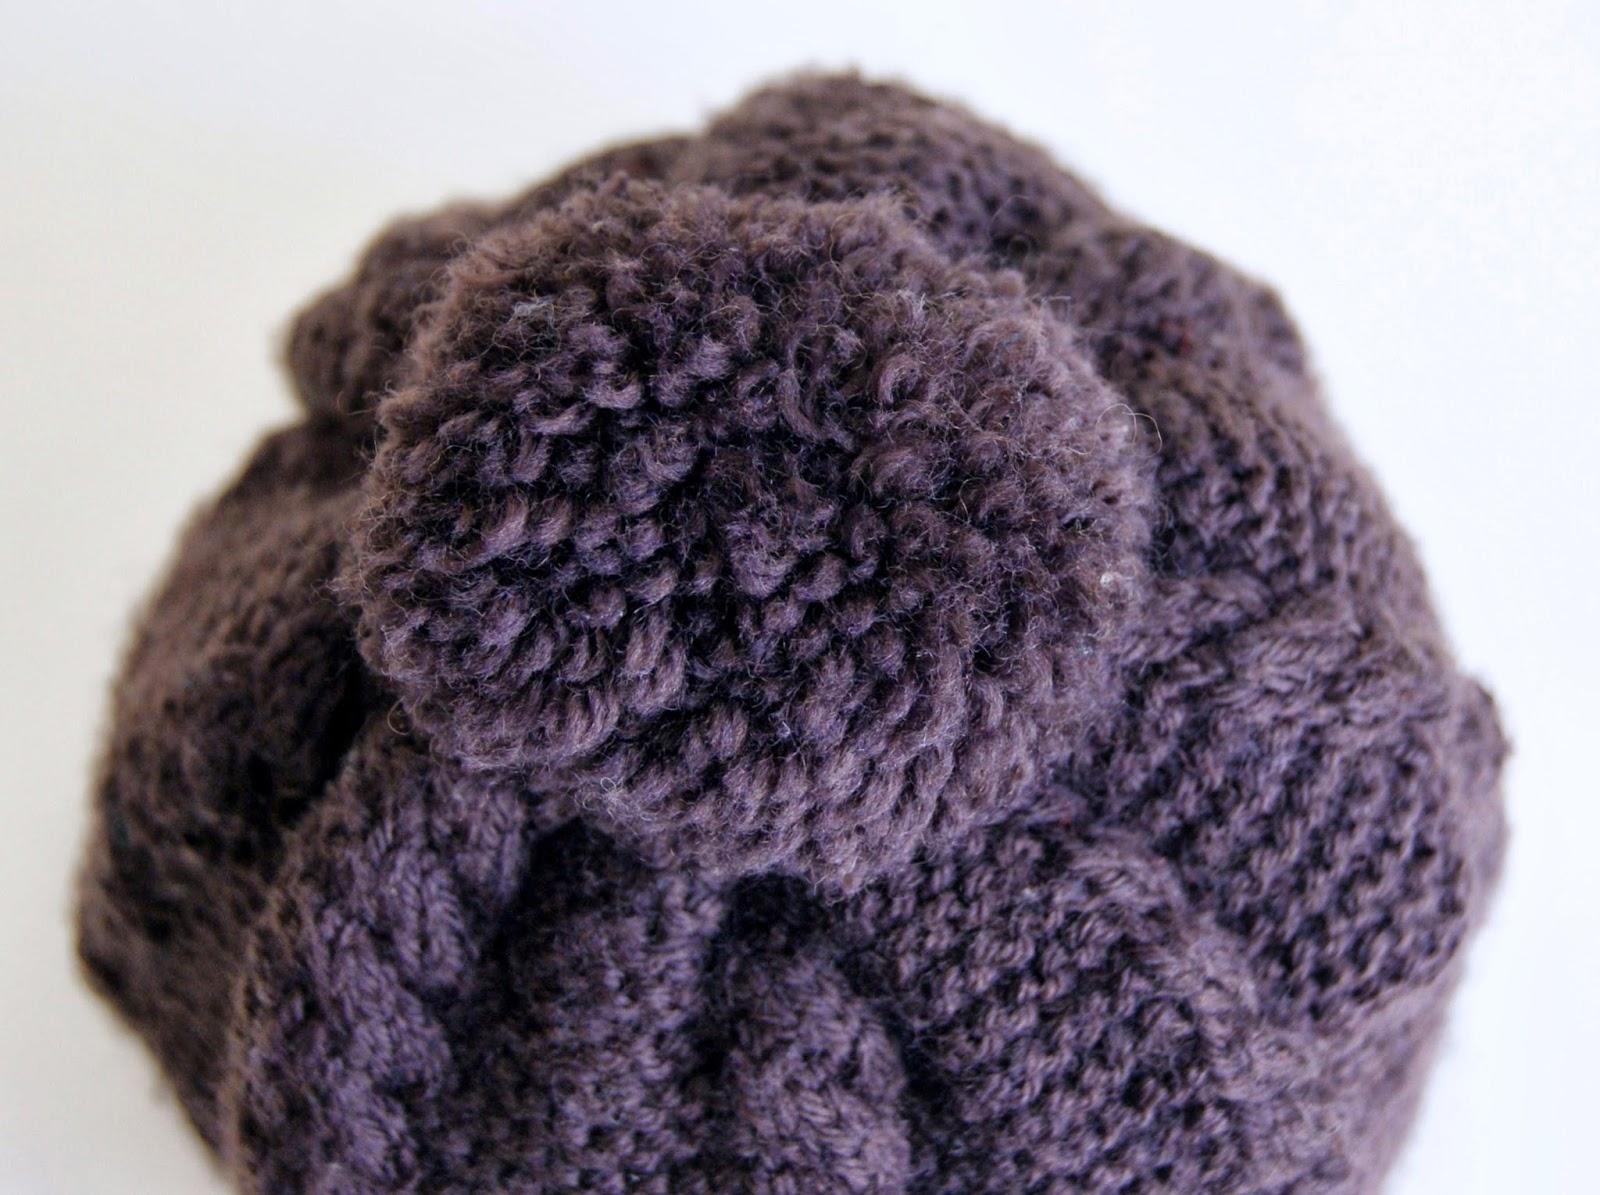 Como se hacen los gorros de lana - Imagui